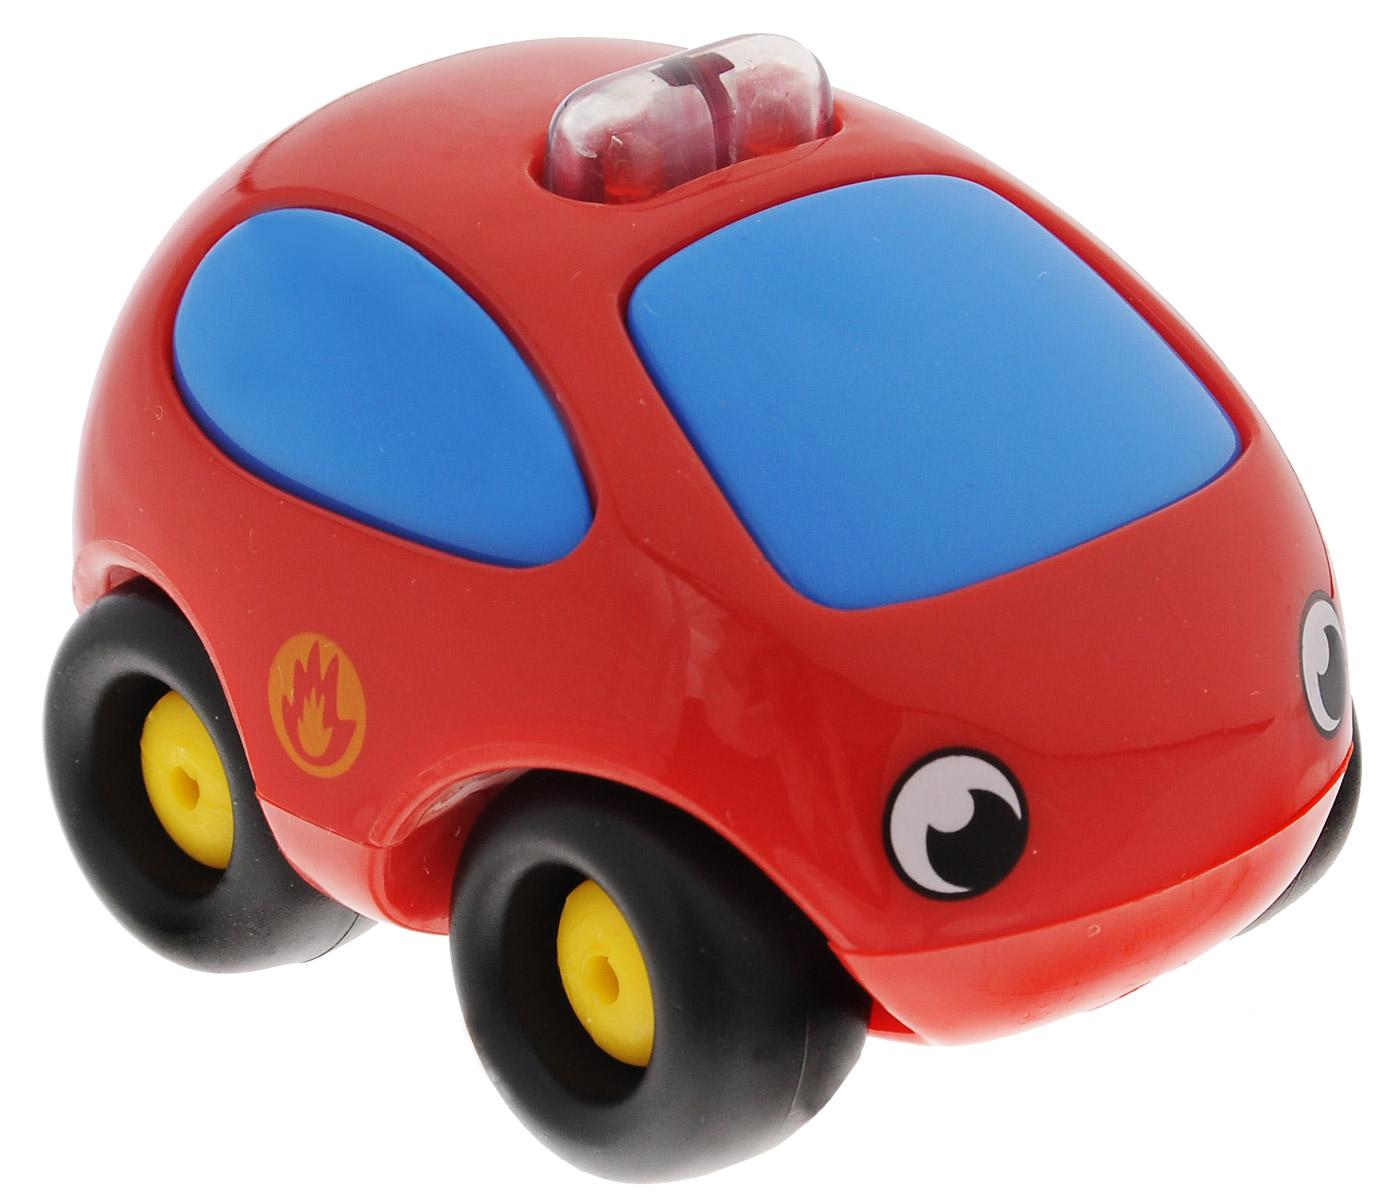 Smoby Машинка Vroom Planet цвет красный750029_красныйМини-машинка из серии Vroom Planet непременно привлечет внимание малыша благодаря звуковым и световым эффектам. Игрушка выполнена из абсолютно безопасного для малыша высококачественного пластика. Машинка снабжена небольшим моторчиком и дополнена световыми и звуковыми эффектами. Игра с машинкой помогает развивать мелкую моторику, цветовосприятие, координацию движений, а также являются хорошим средством для развлечения ребенка. Порадуйте своего малыша таким замечательным подарком. Питание: 2 батарейки напряжением 1,5V типа LR44/AG13 (входят в комплект).